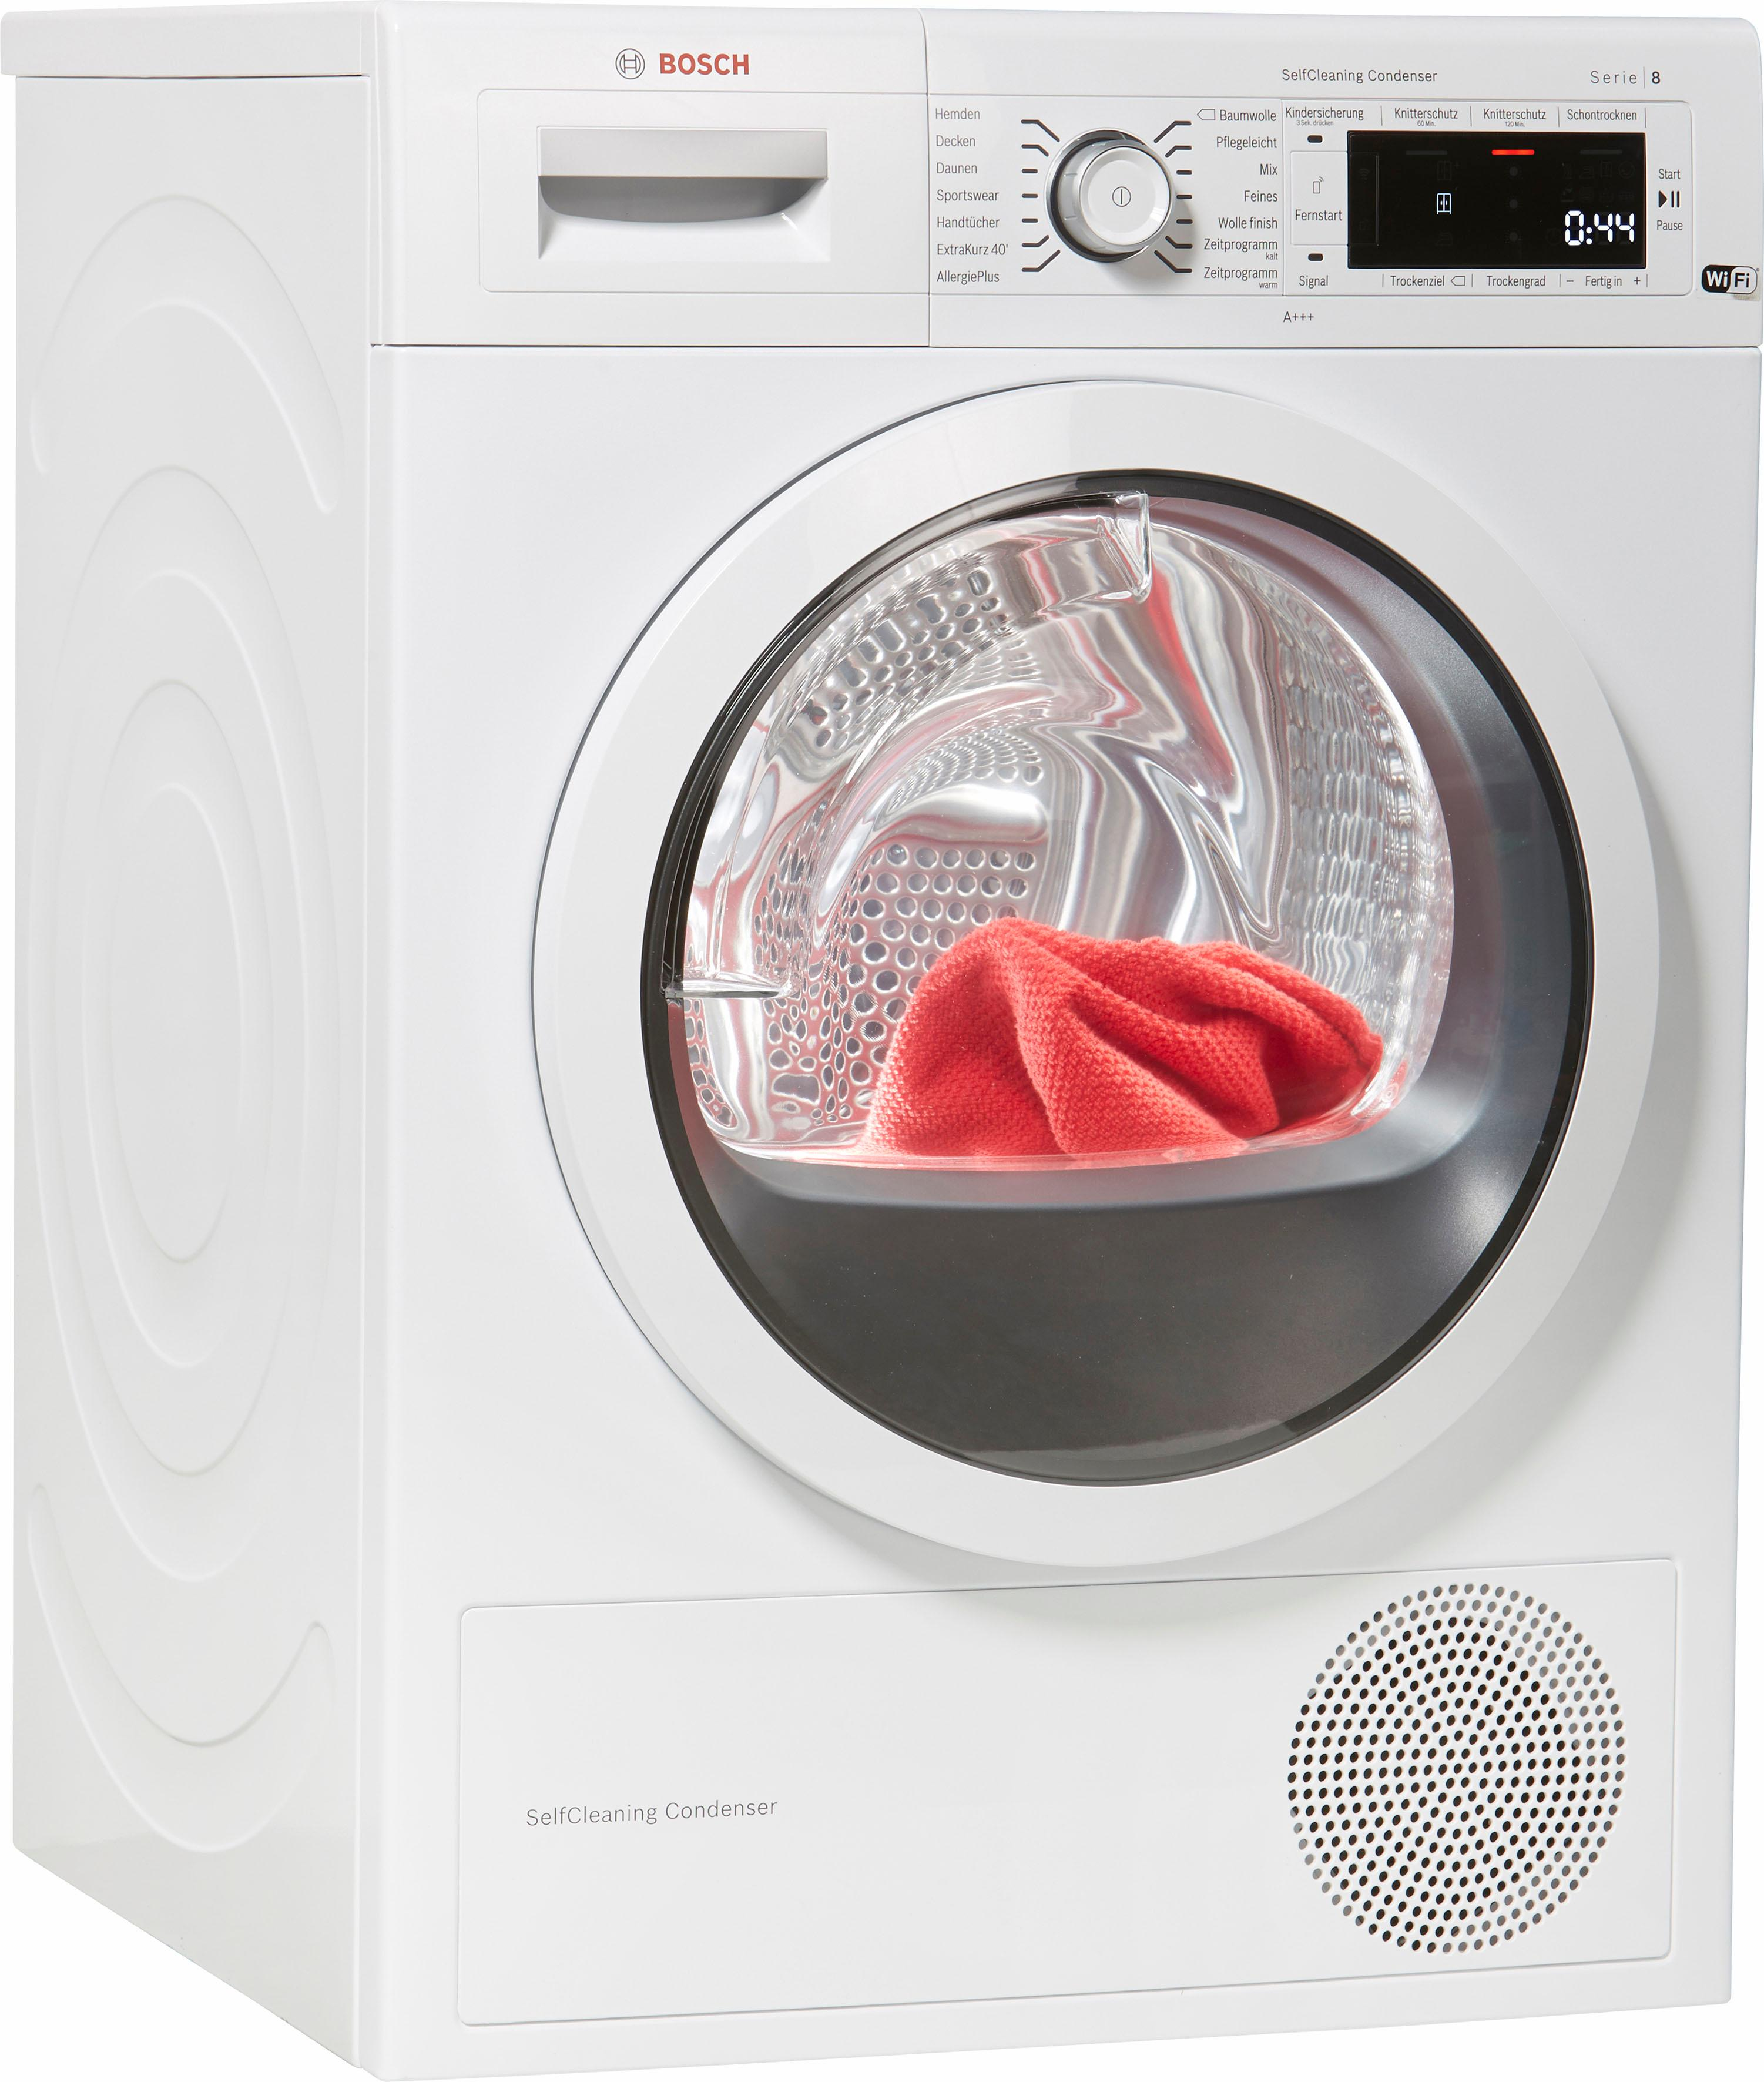 BOSCH Wärmepumpentrockner WTWH7540 8 kg | Bad > Waschmaschinen und Trockner | Weiß | Bosch